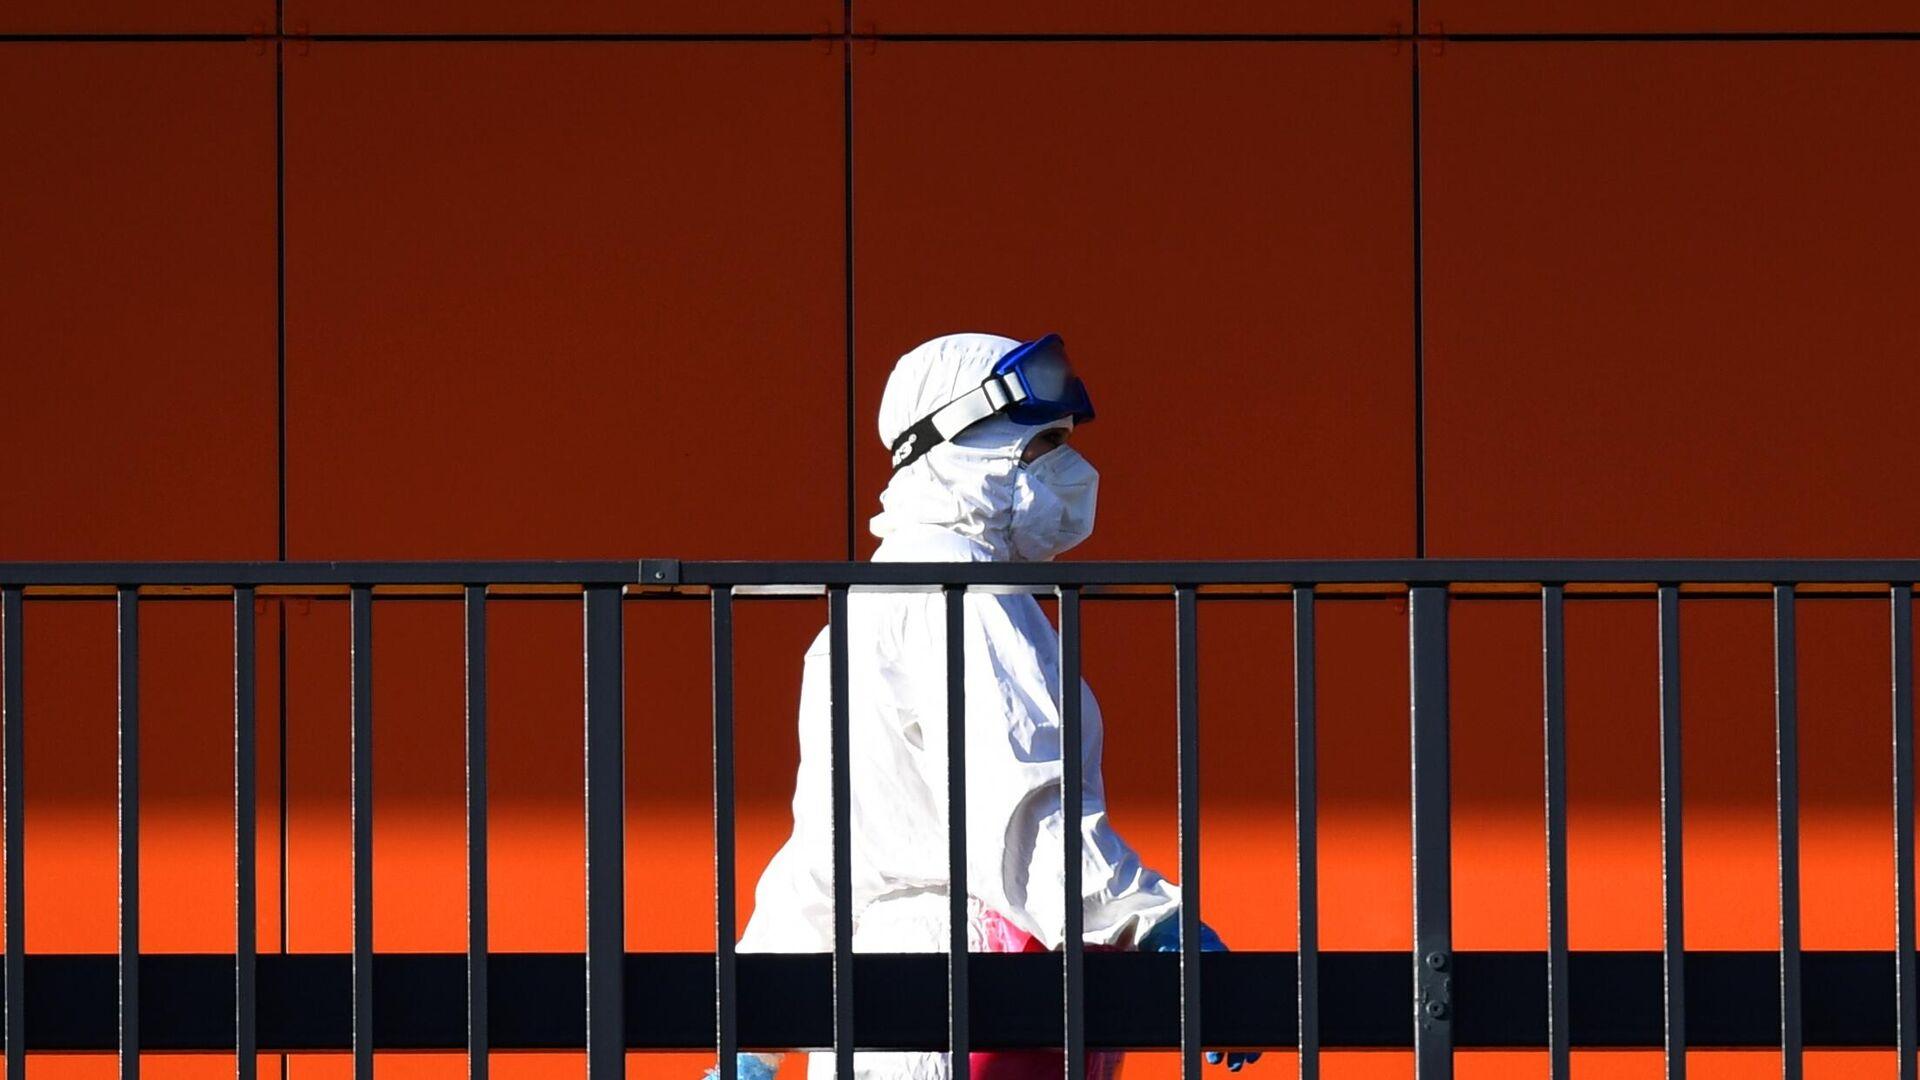 Медицинский работник на территории Республиканской клинической инфекционной больницы в Казани - РИА Новости, 1920, 05.11.2020